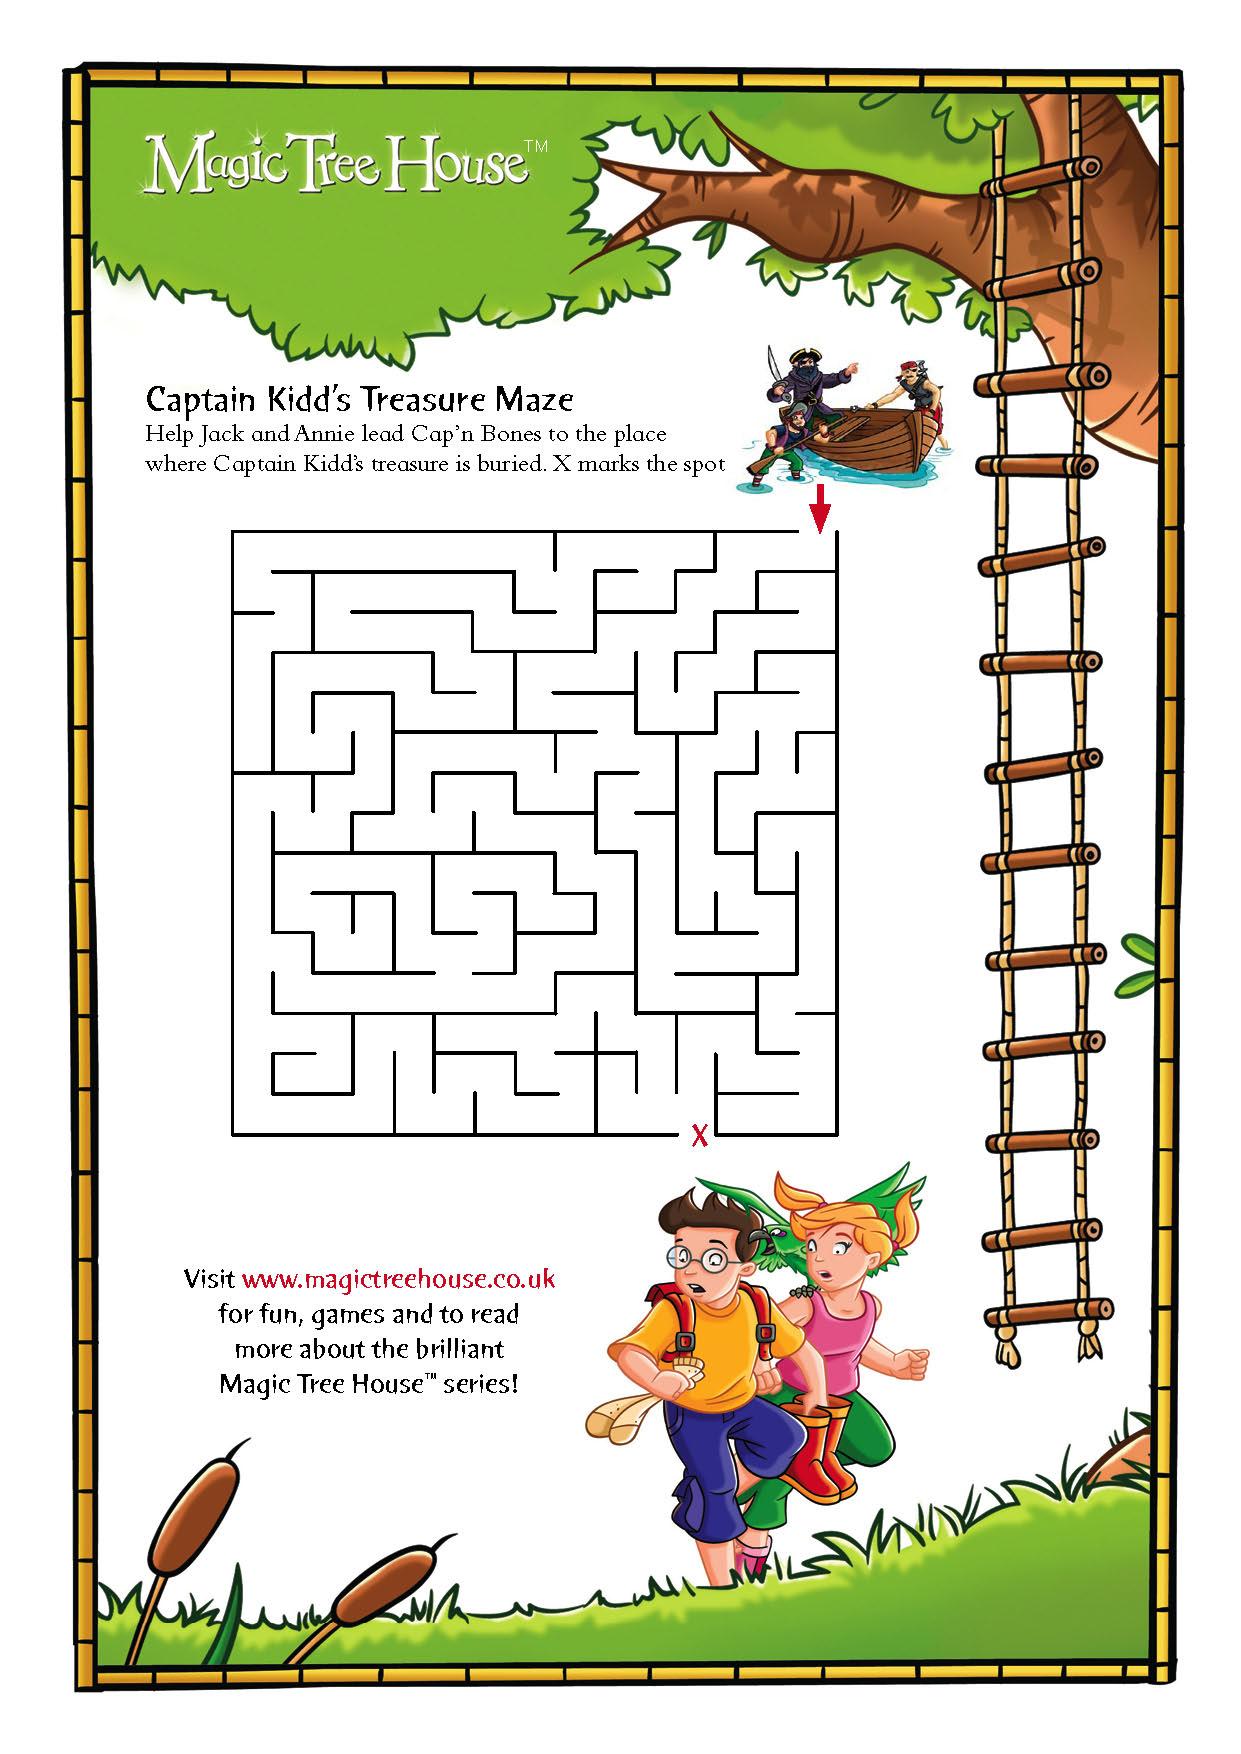 Magic Tree House Maze